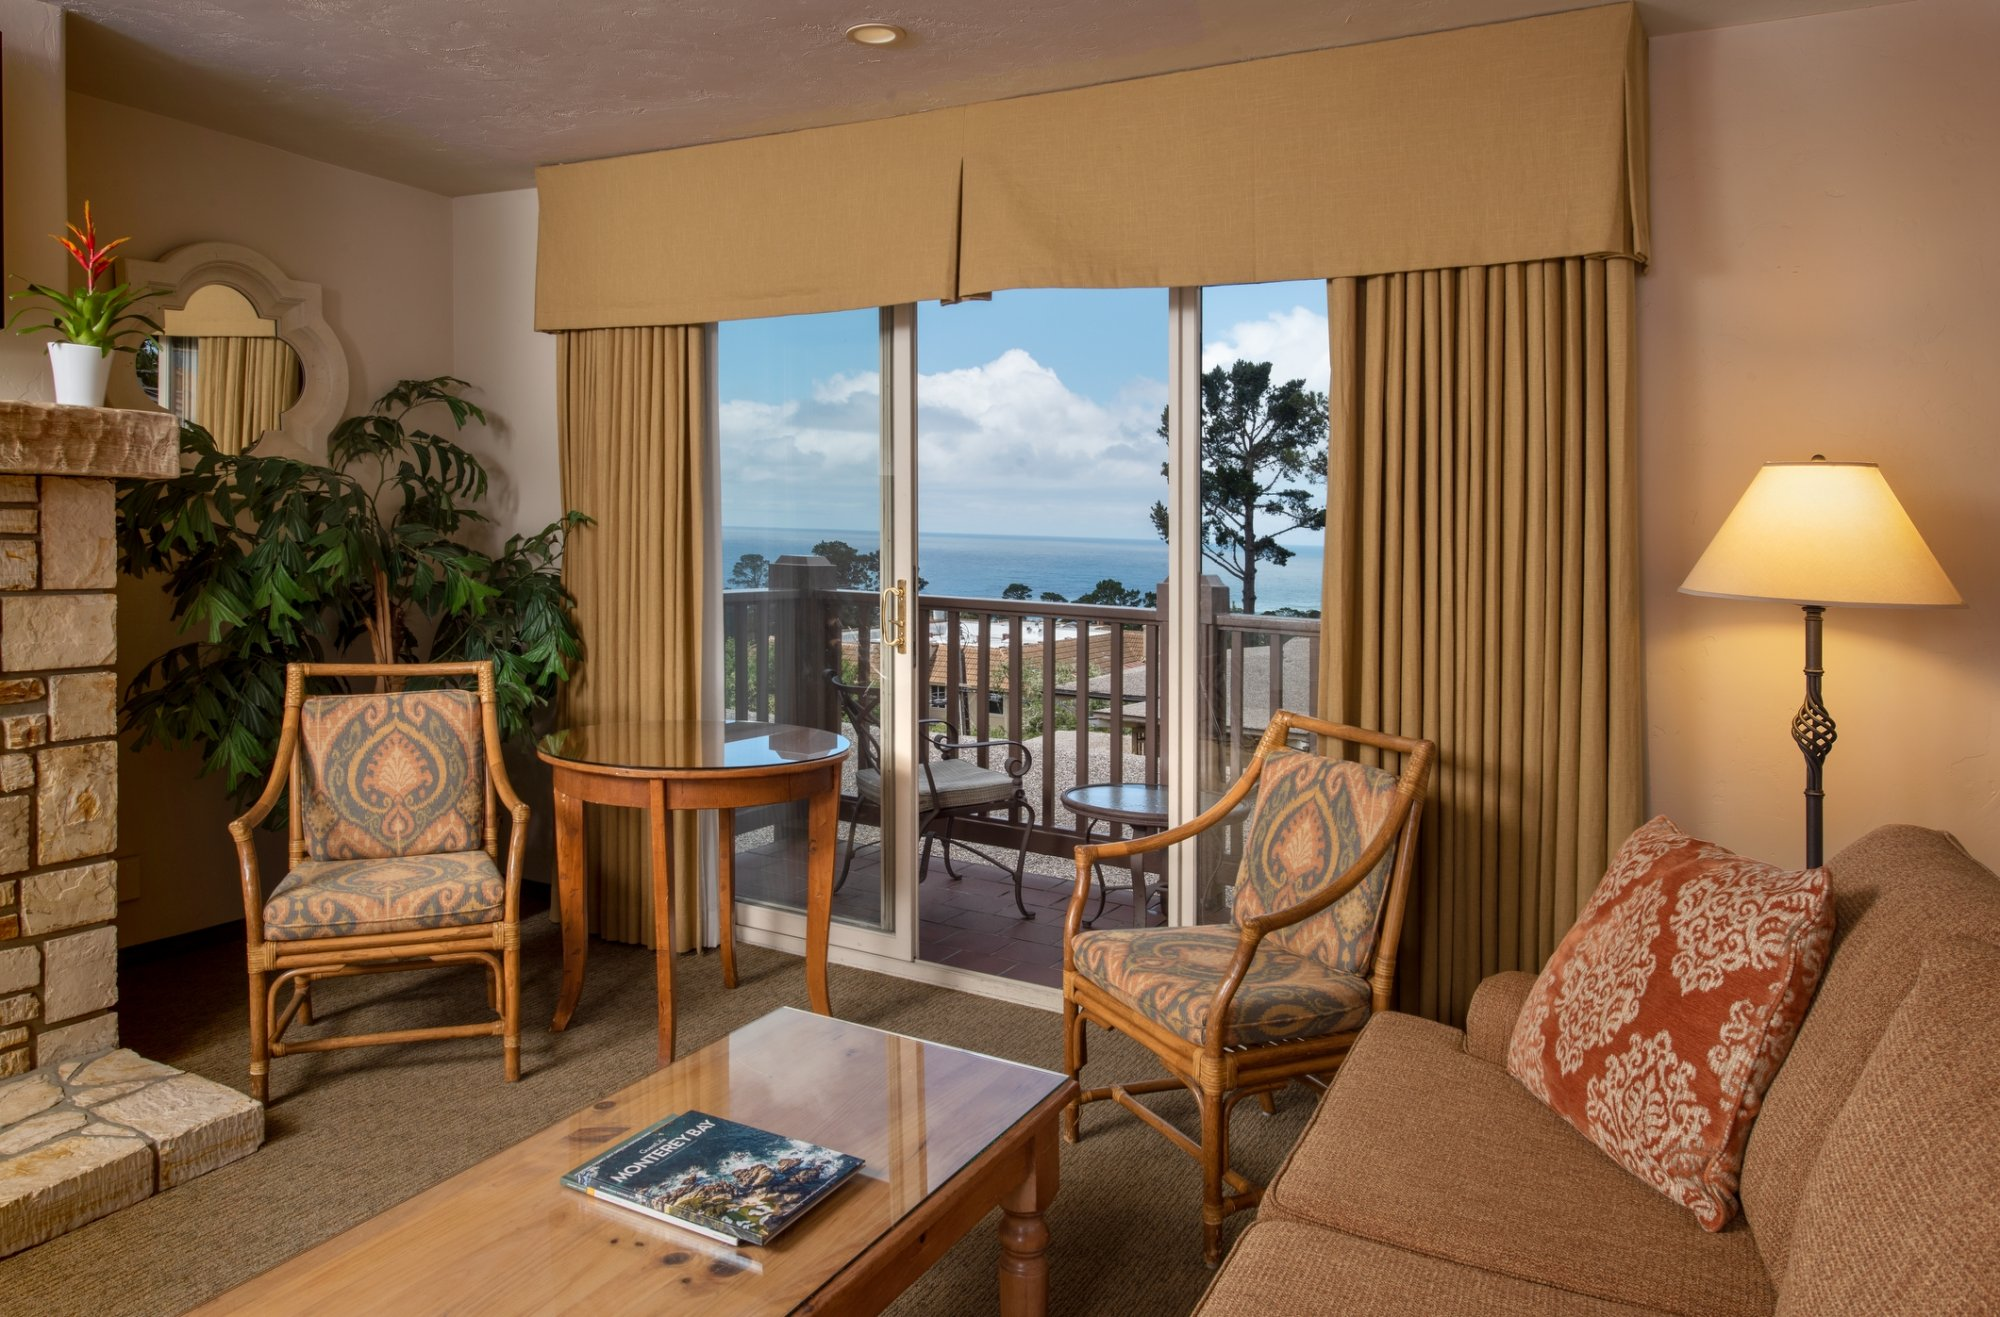 Premiere Ocean View at the Horizon Inn Carmel